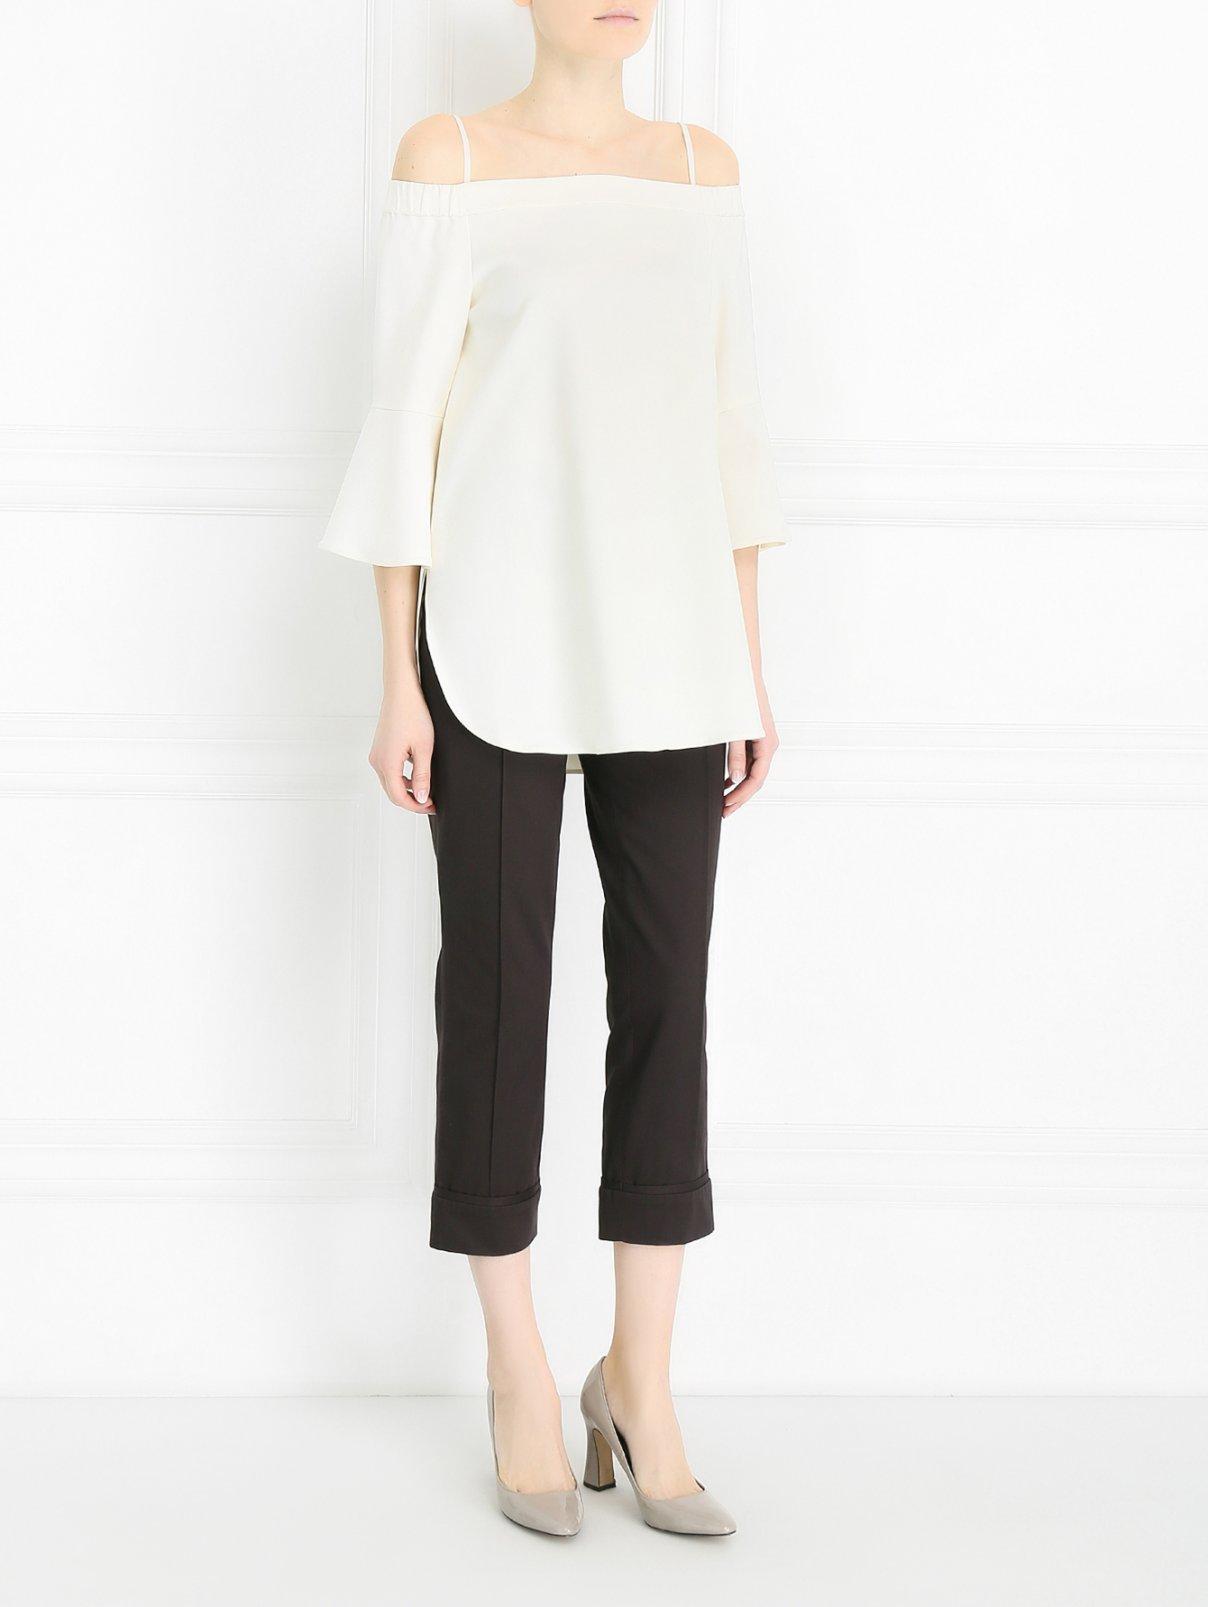 Укороченные брюки из хлопка Antonio Marras  –  Модель Общий вид